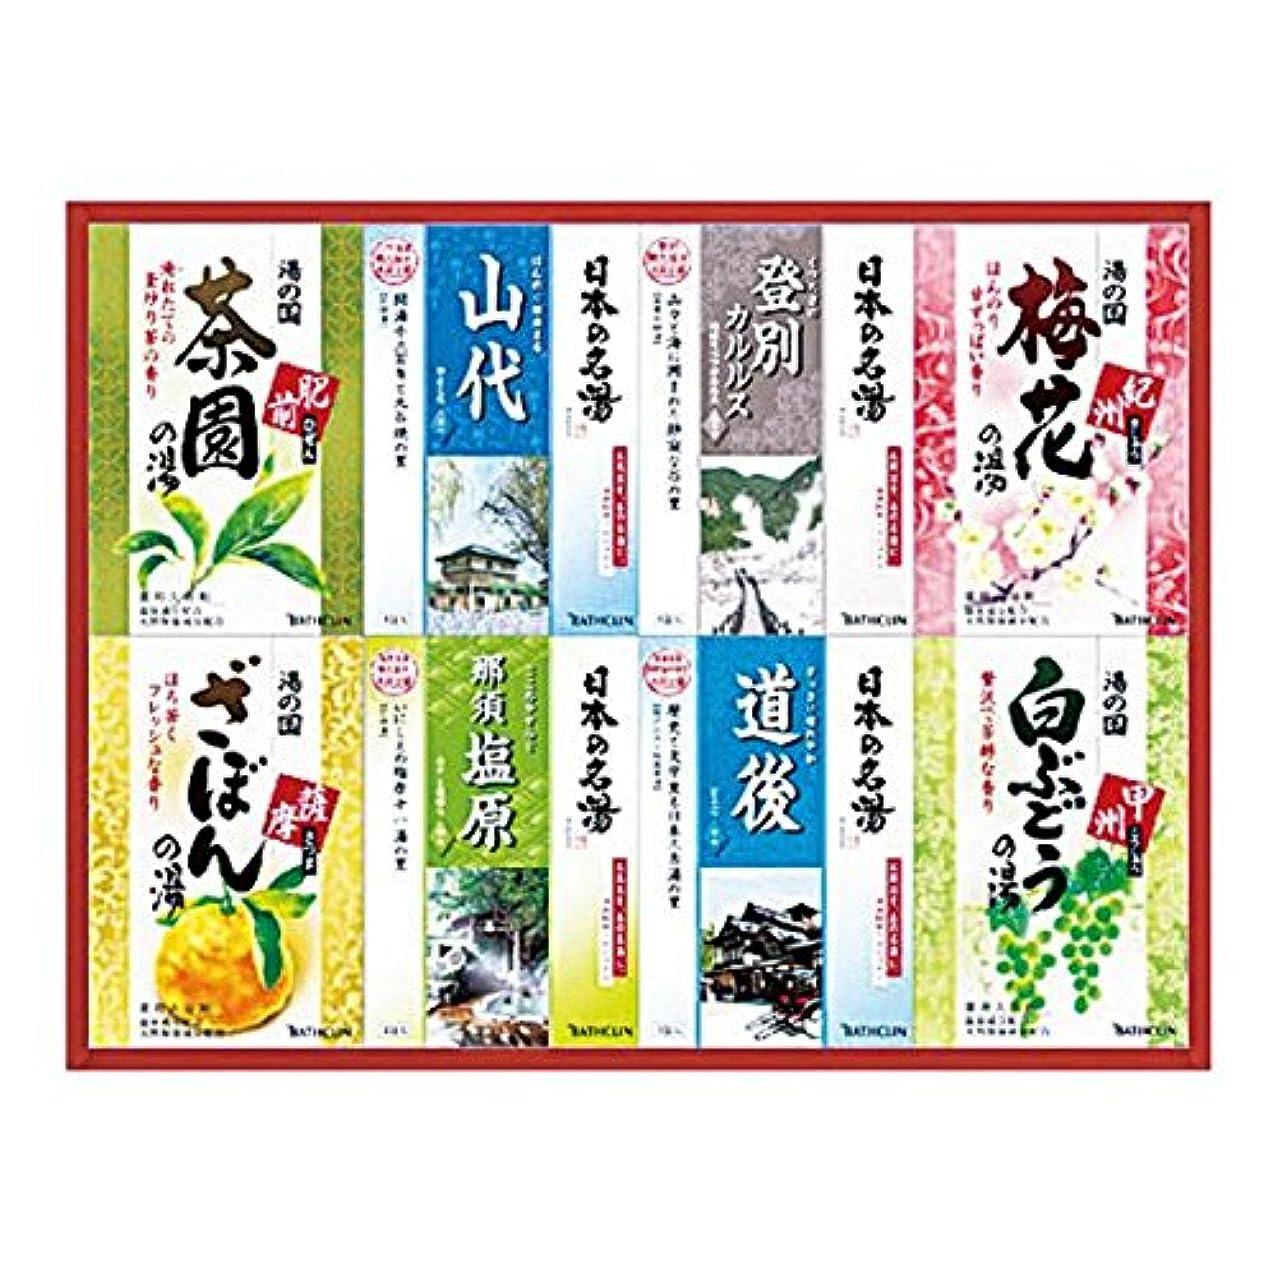 バスクリン 湯の国ギフト MYK-30C 生活用品 インテリア 雑貨 バス用品 入浴剤 入浴剤 [並行輸入品]